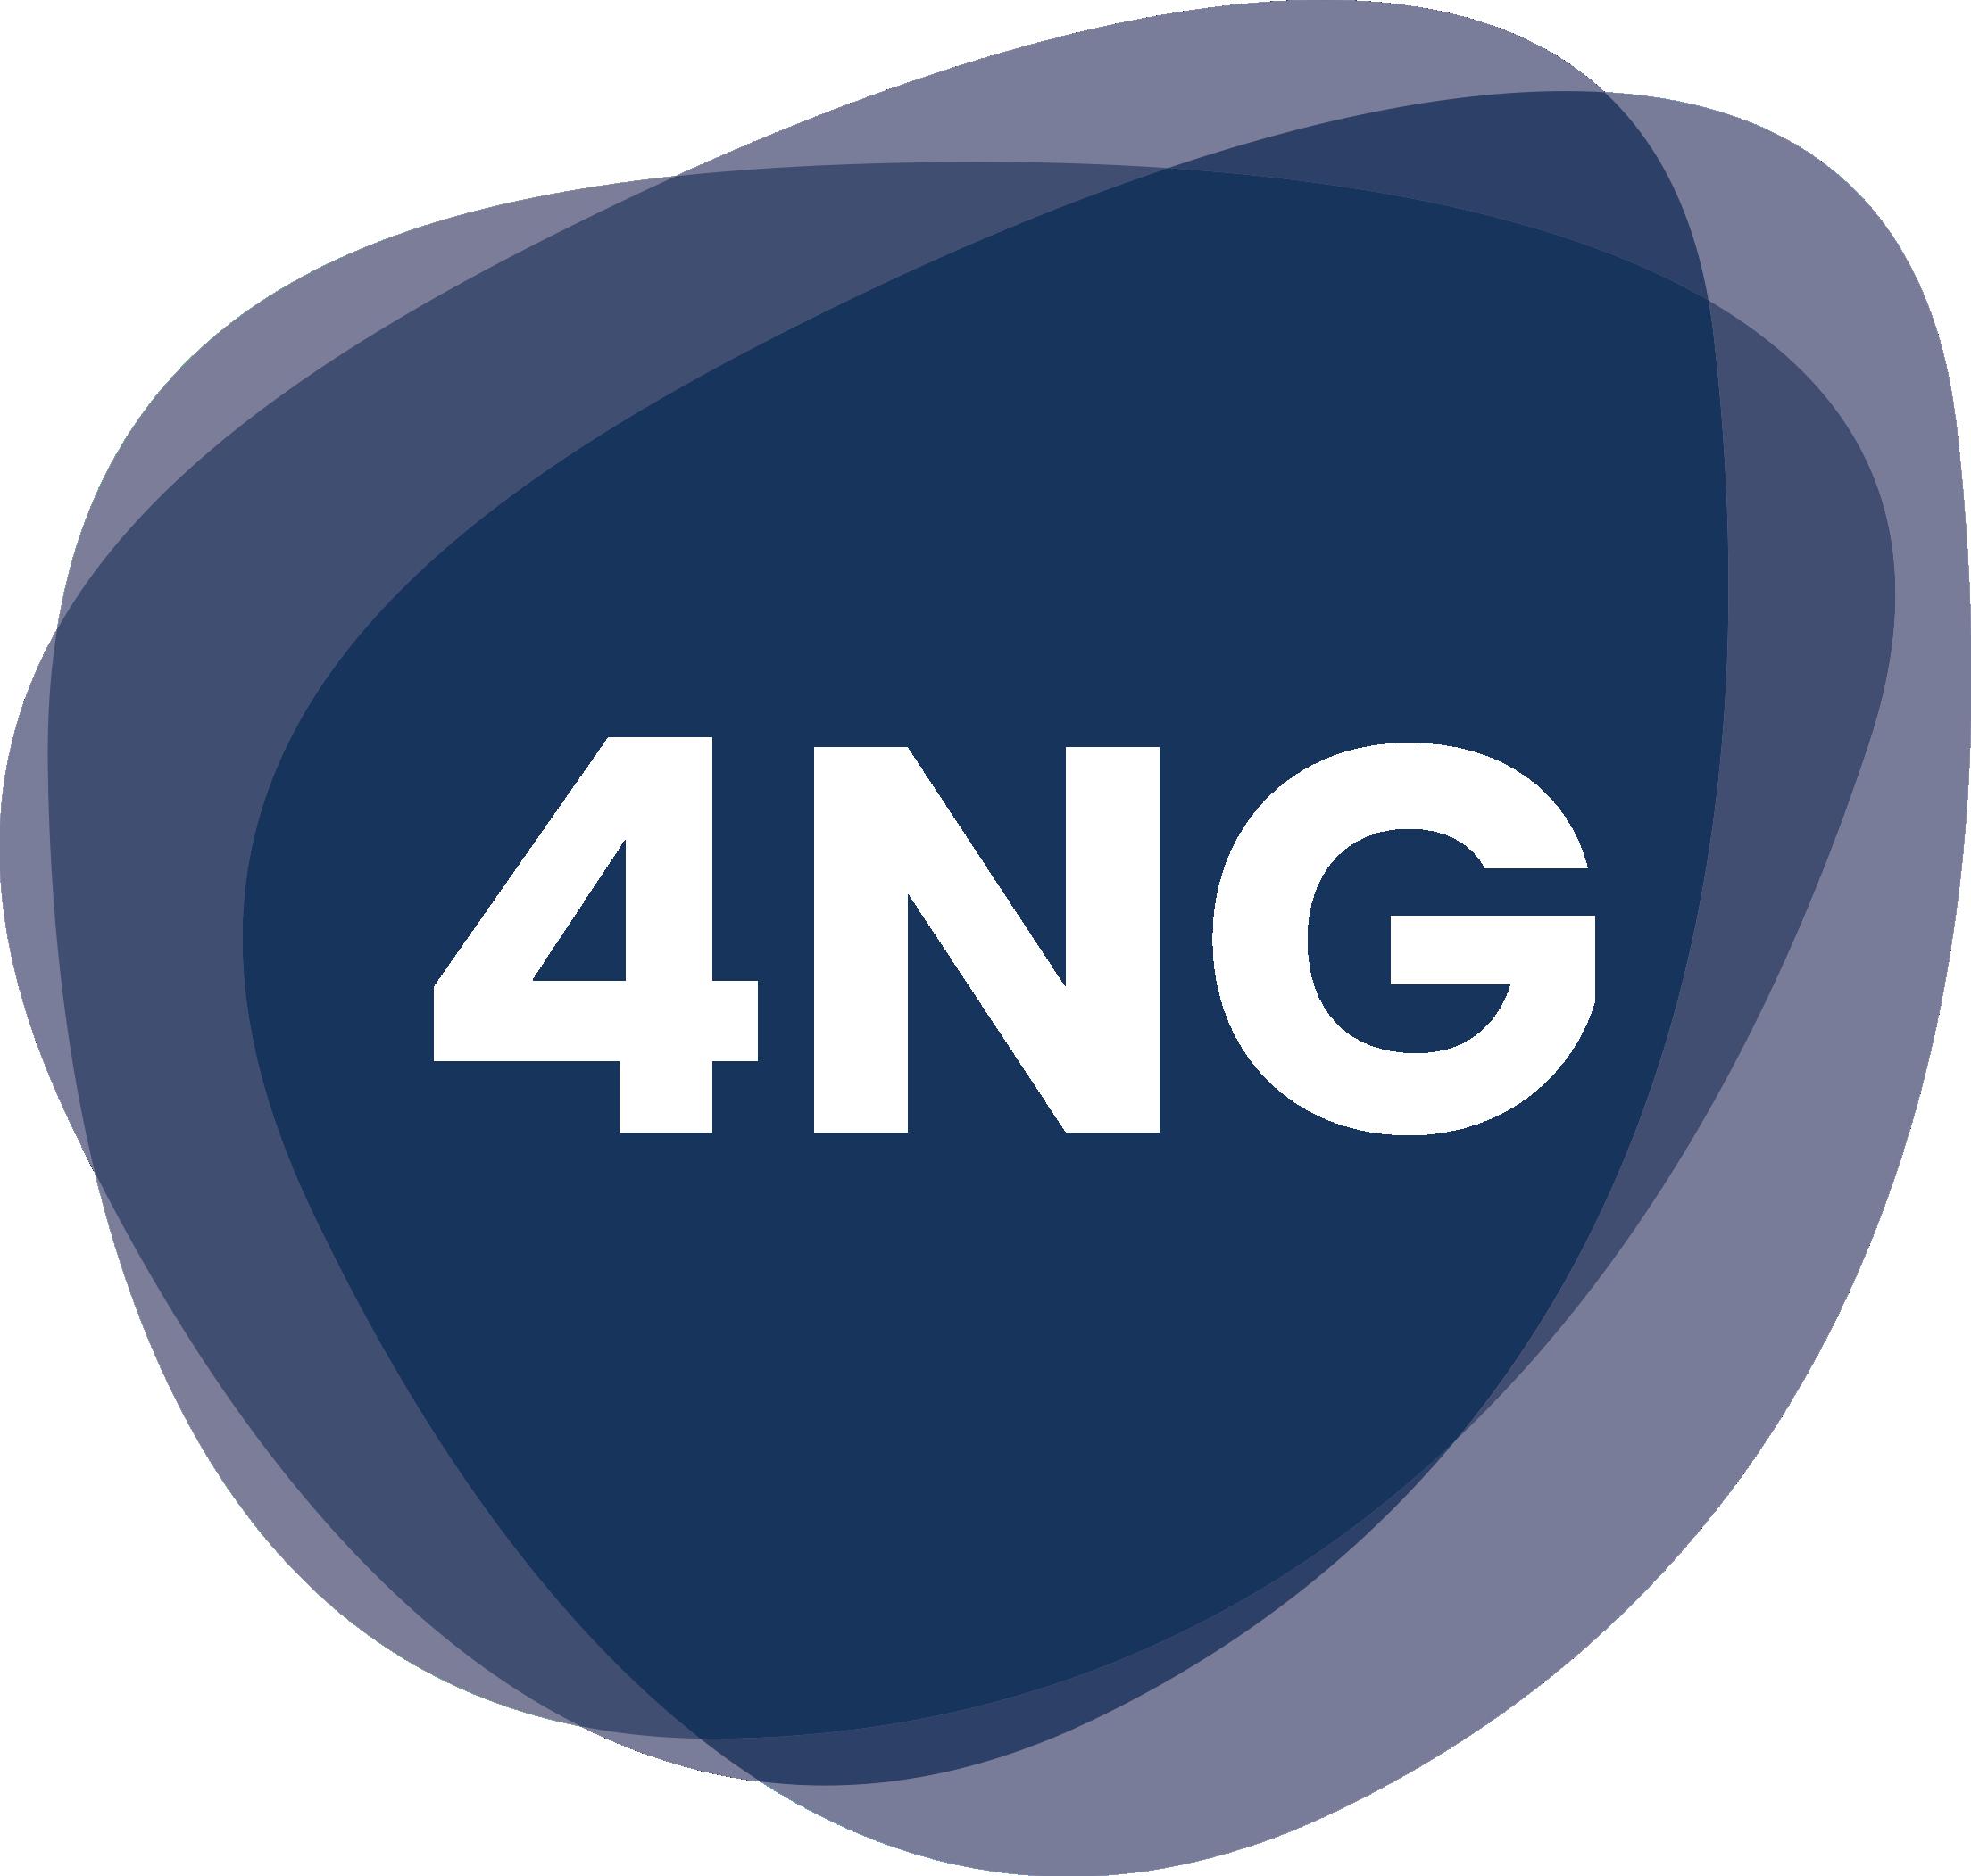 4NG logo